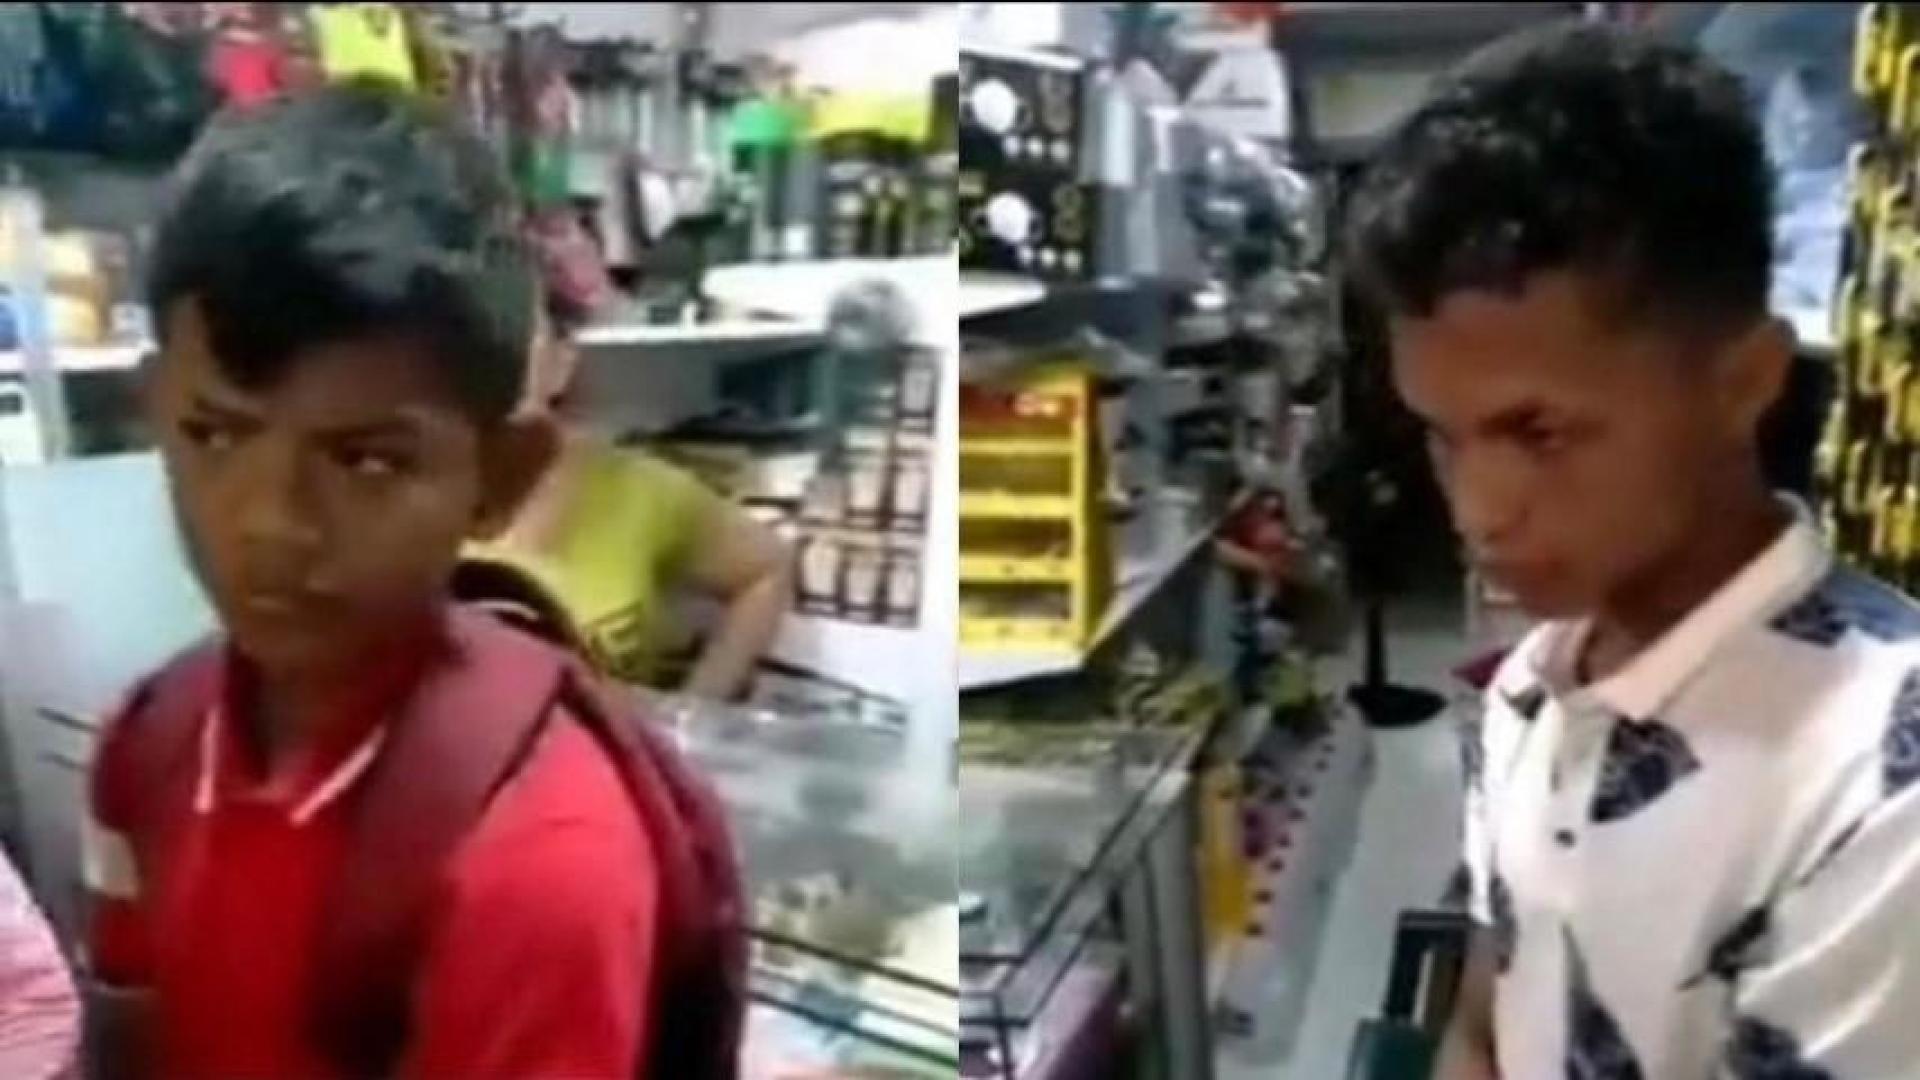 colombia: aparecen con tiro de gracia dos jovenes venezolanos uno de 18 y otro de 13 anos acusados de robar en una tienda